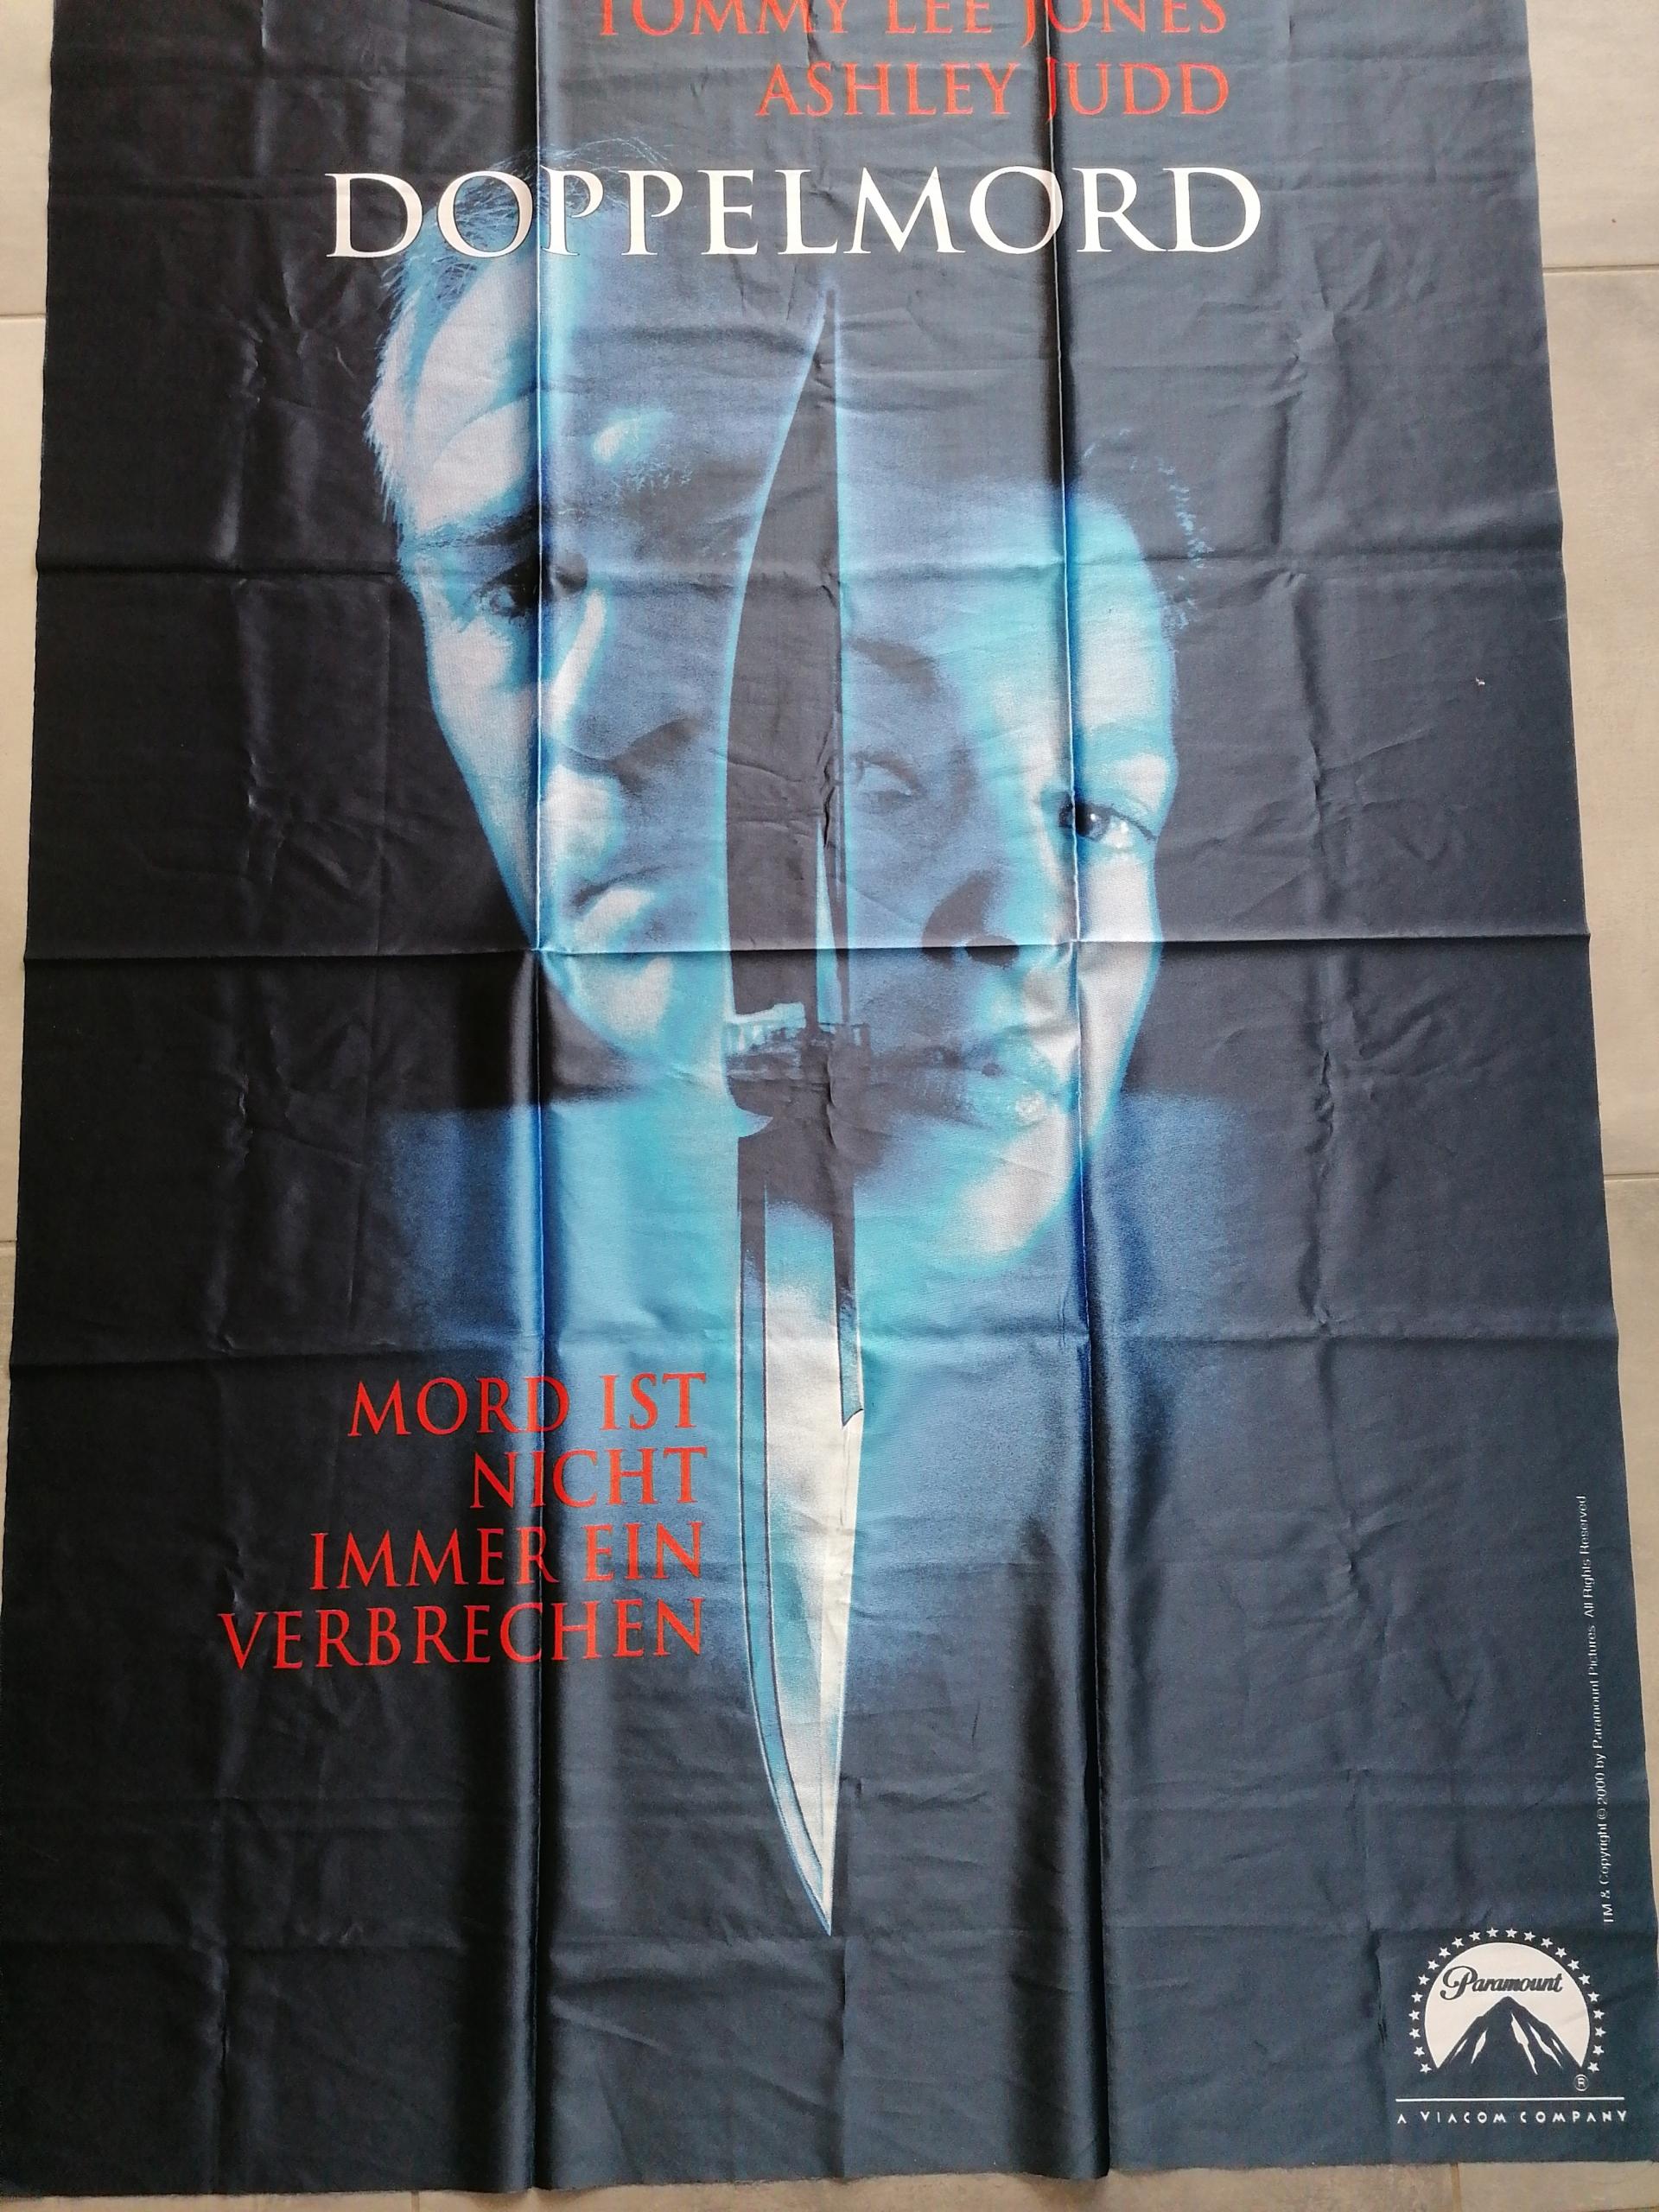 Doppelmord - Trailer Deutsch Veľké plátno plagát